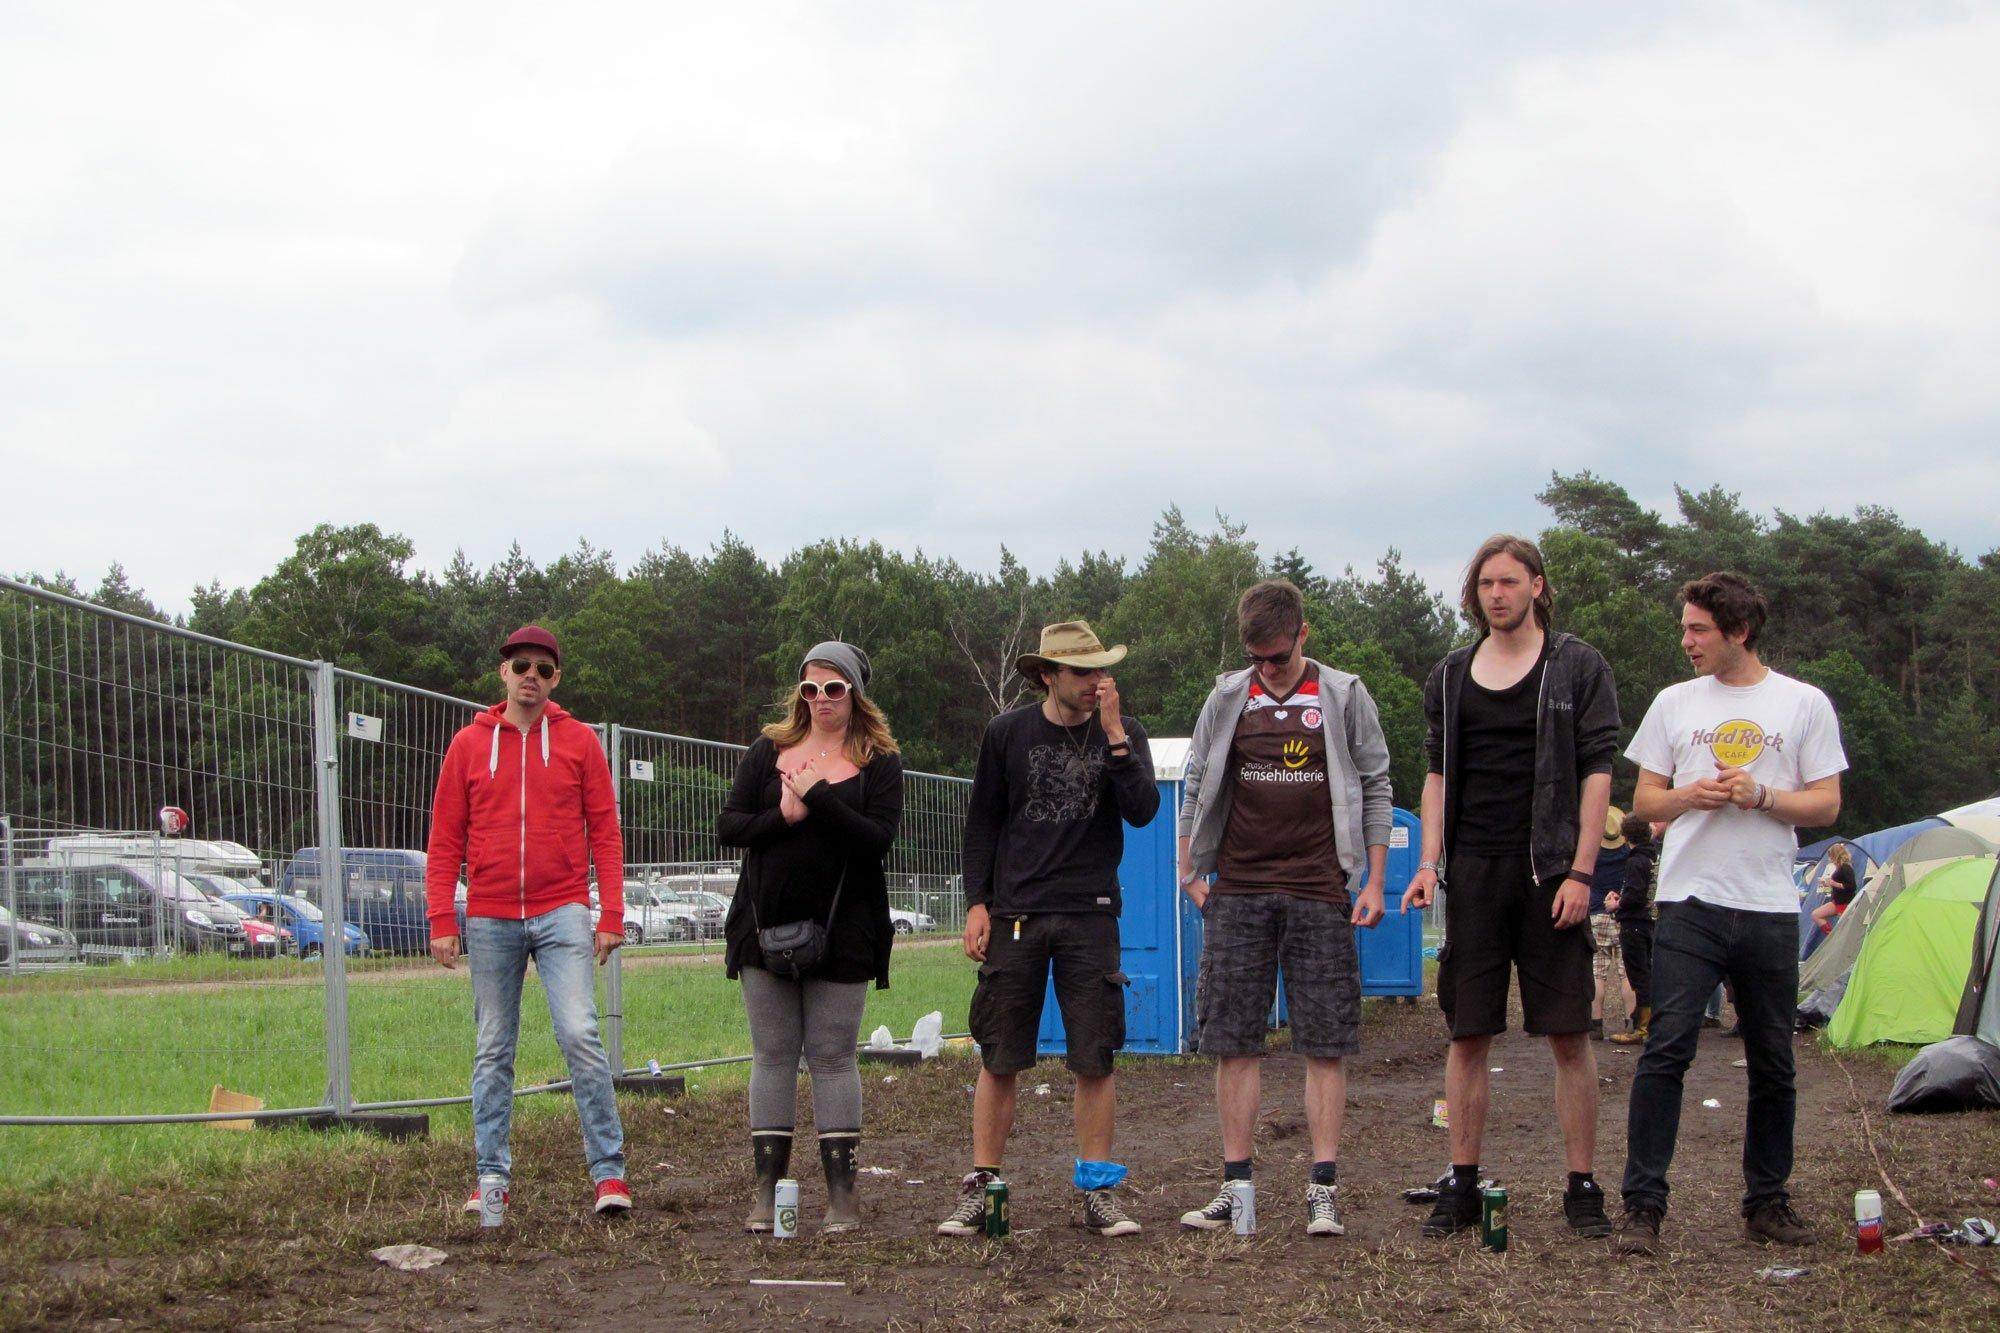 Hurricane Festival: Flunkyball